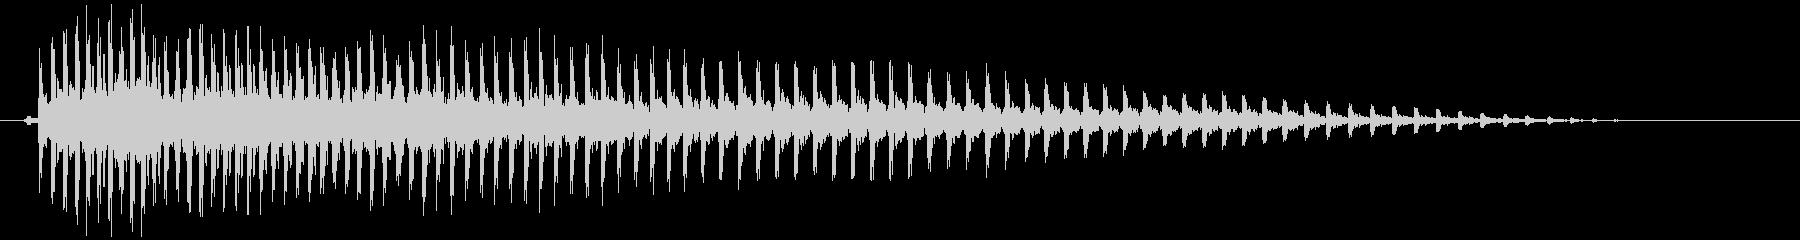 アヒルの鳴き声(鳥笛) クアァーの未再生の波形